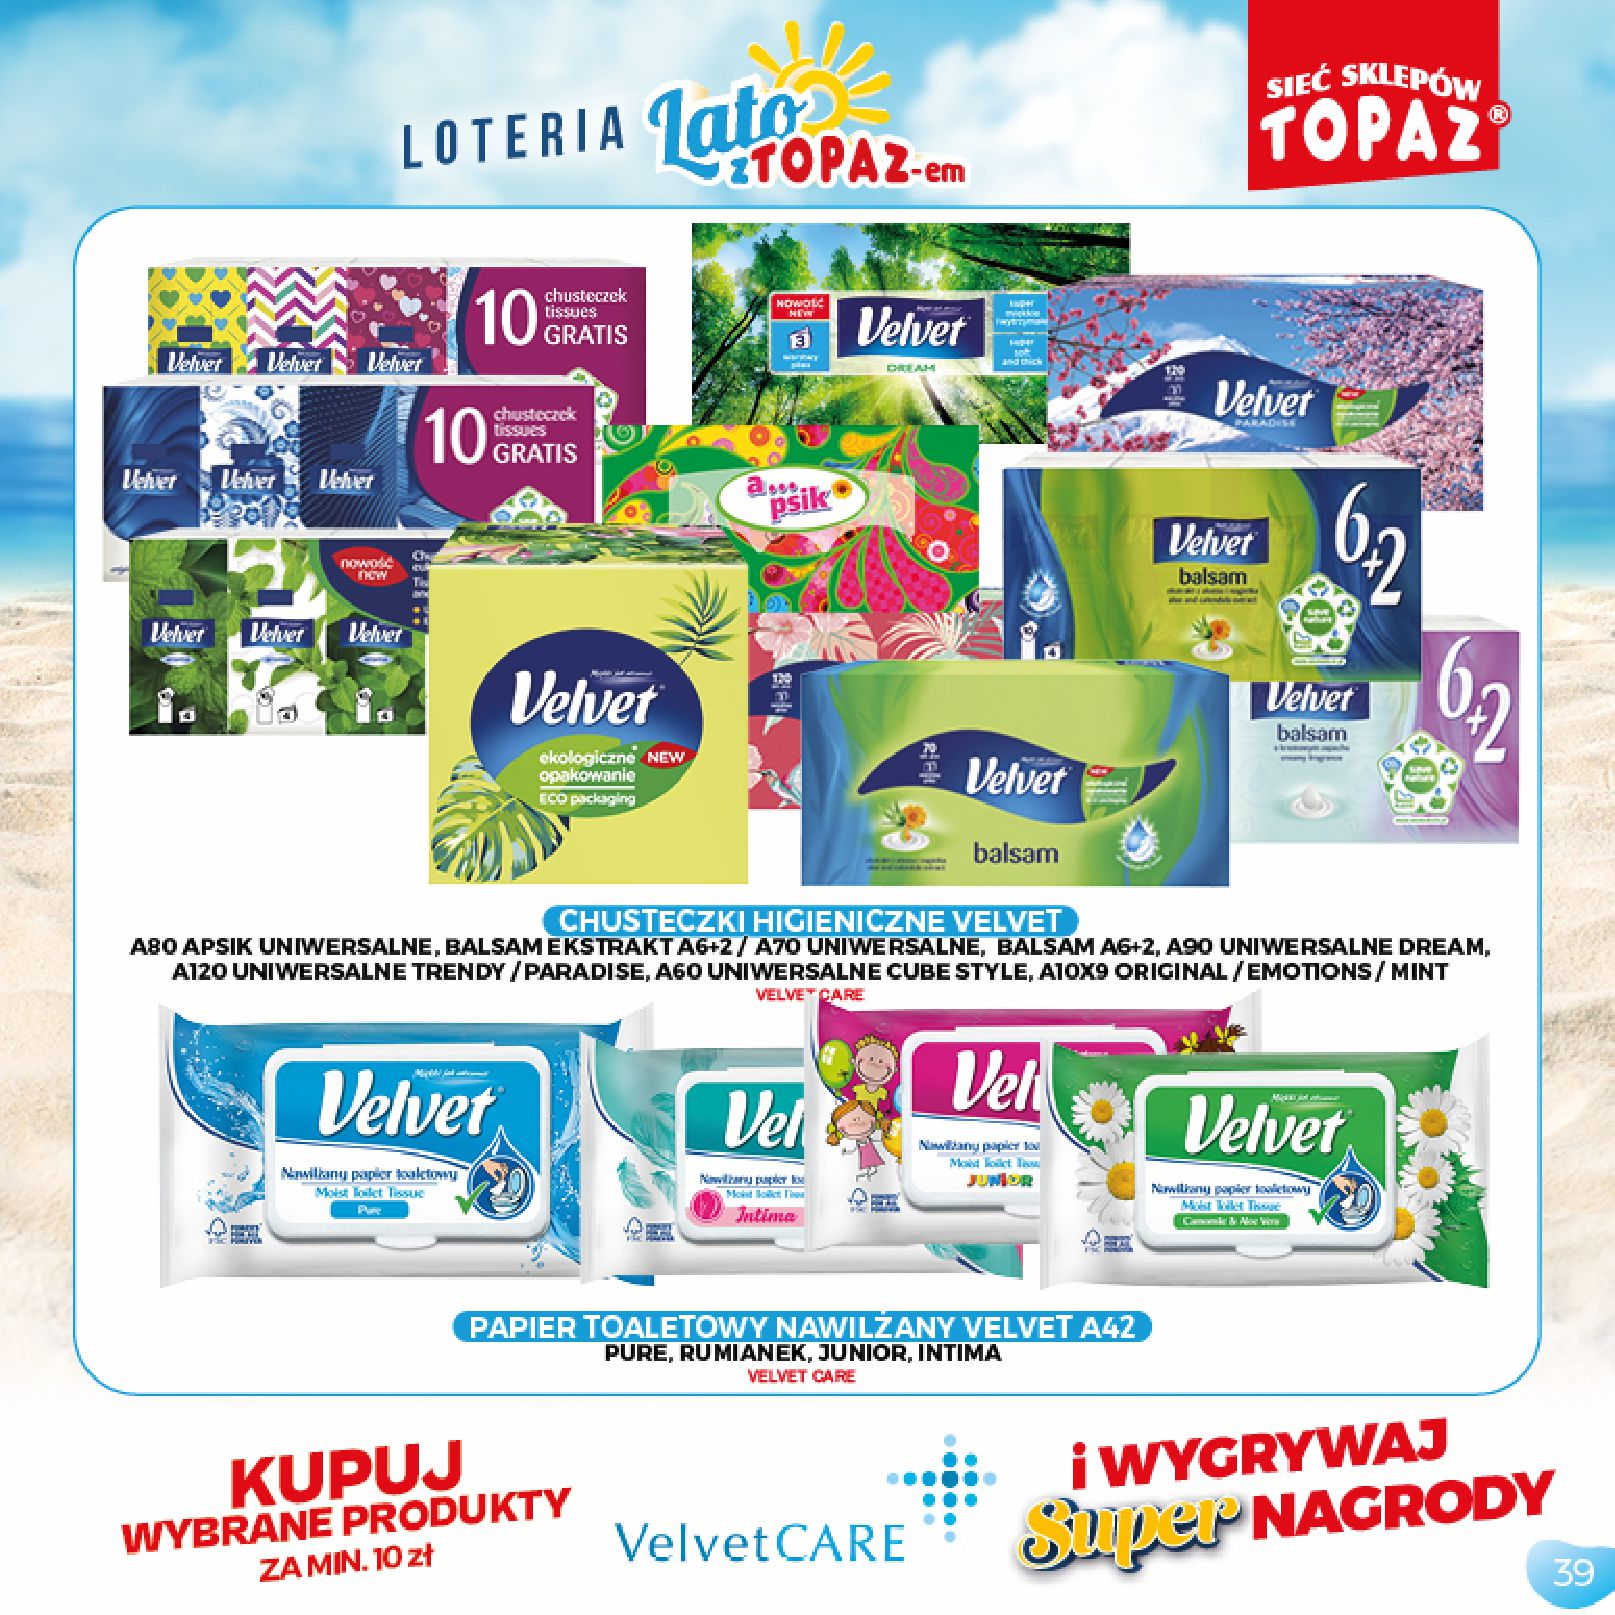 Gazetka TOPAZ: Gazetka TOPAZ - Loteria 2021-07-05 page-39